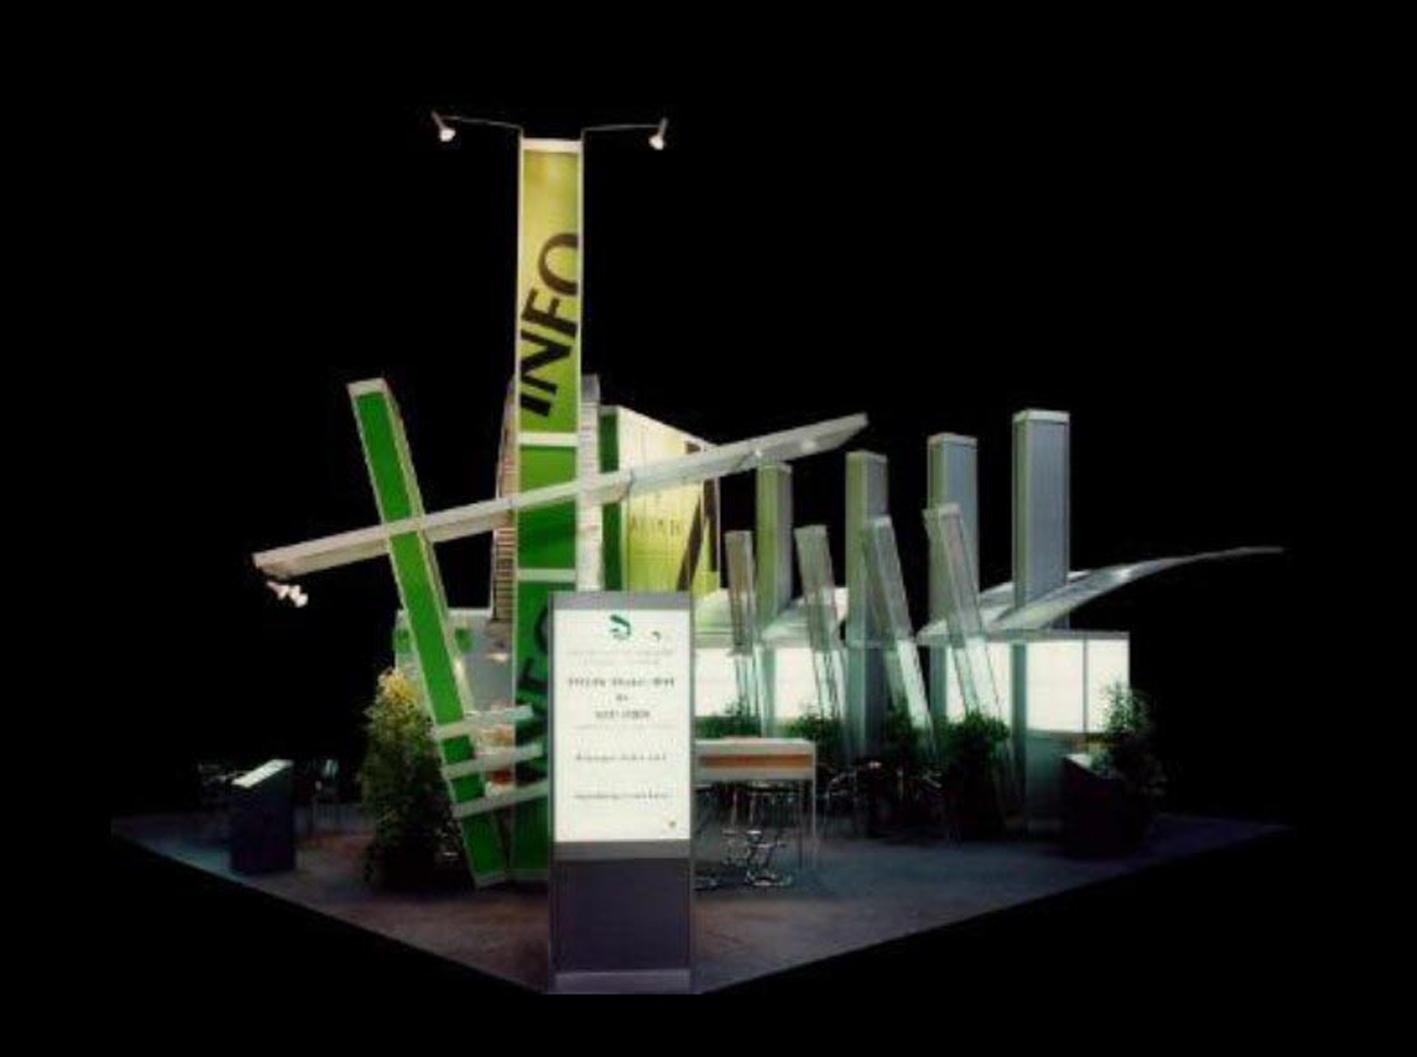 05 Inselstand mit futuristischem Design, sehr schräg, hat viel Aufmerksamkeit erregt